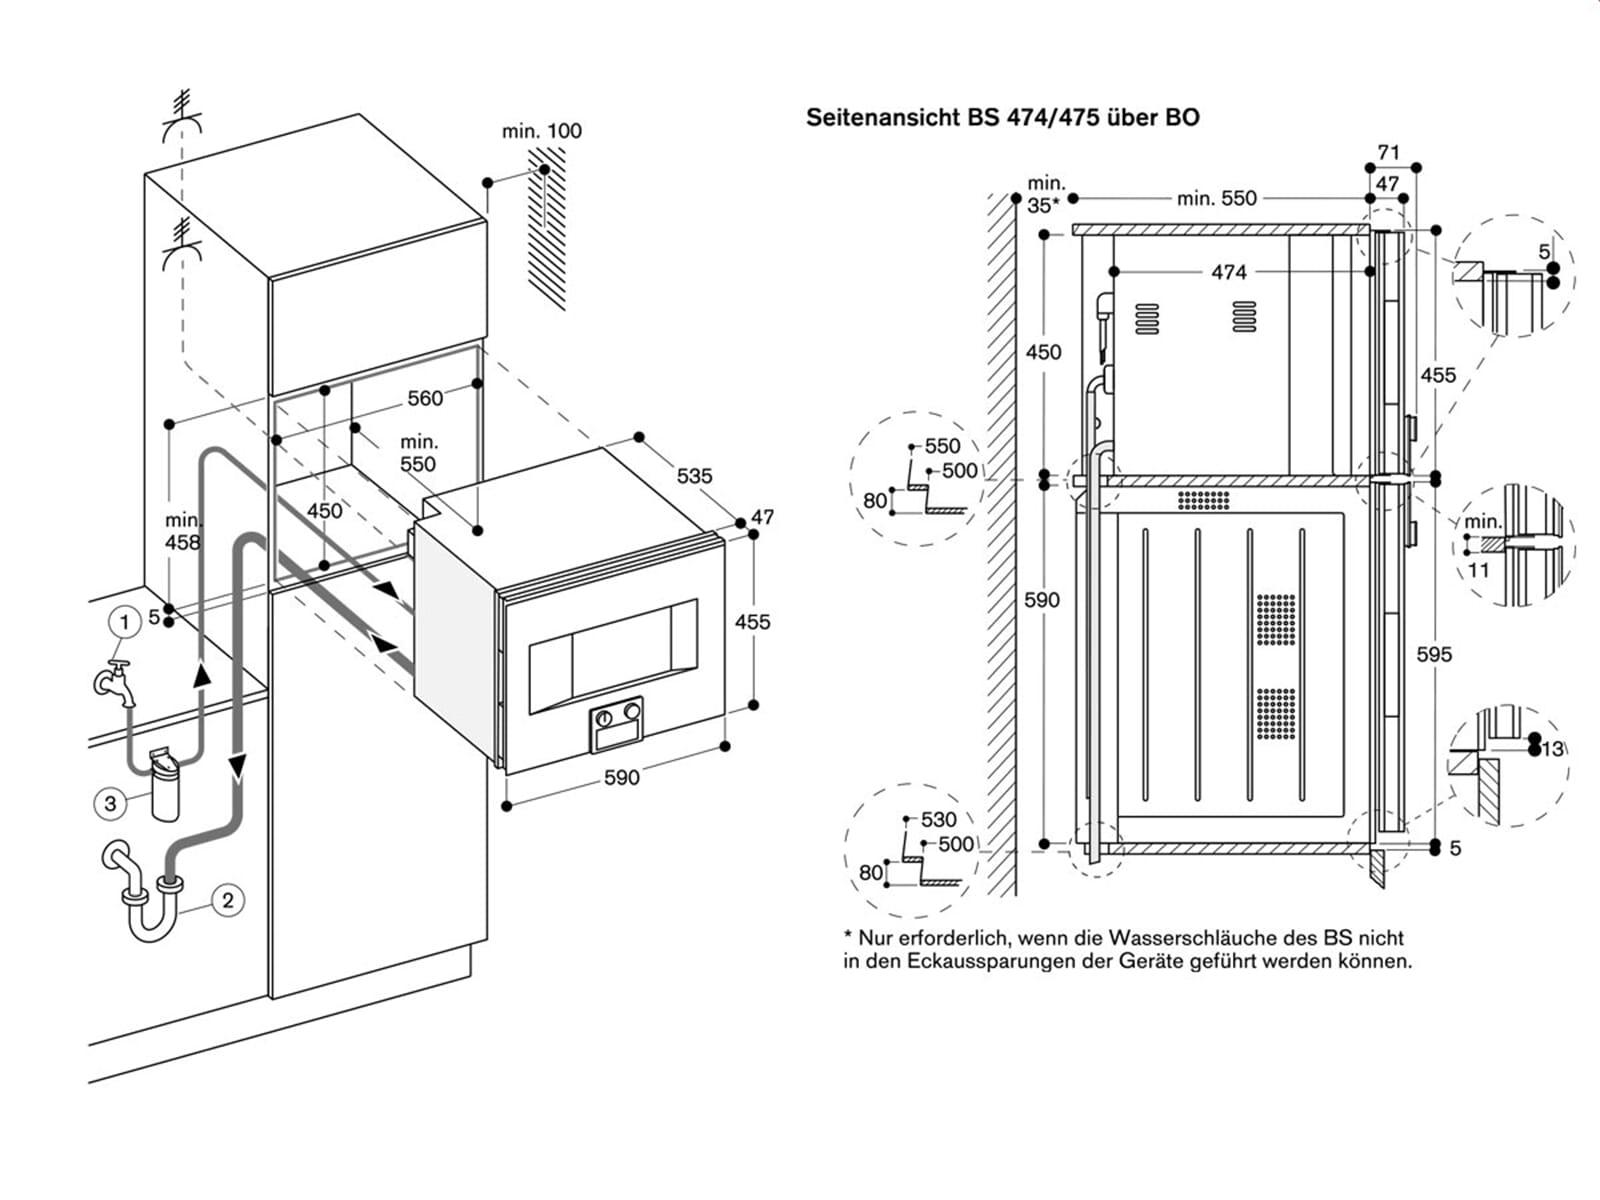 Gaggenau BS 474 111 Dampfbackofen Serie 400 Edelstahl/Glas